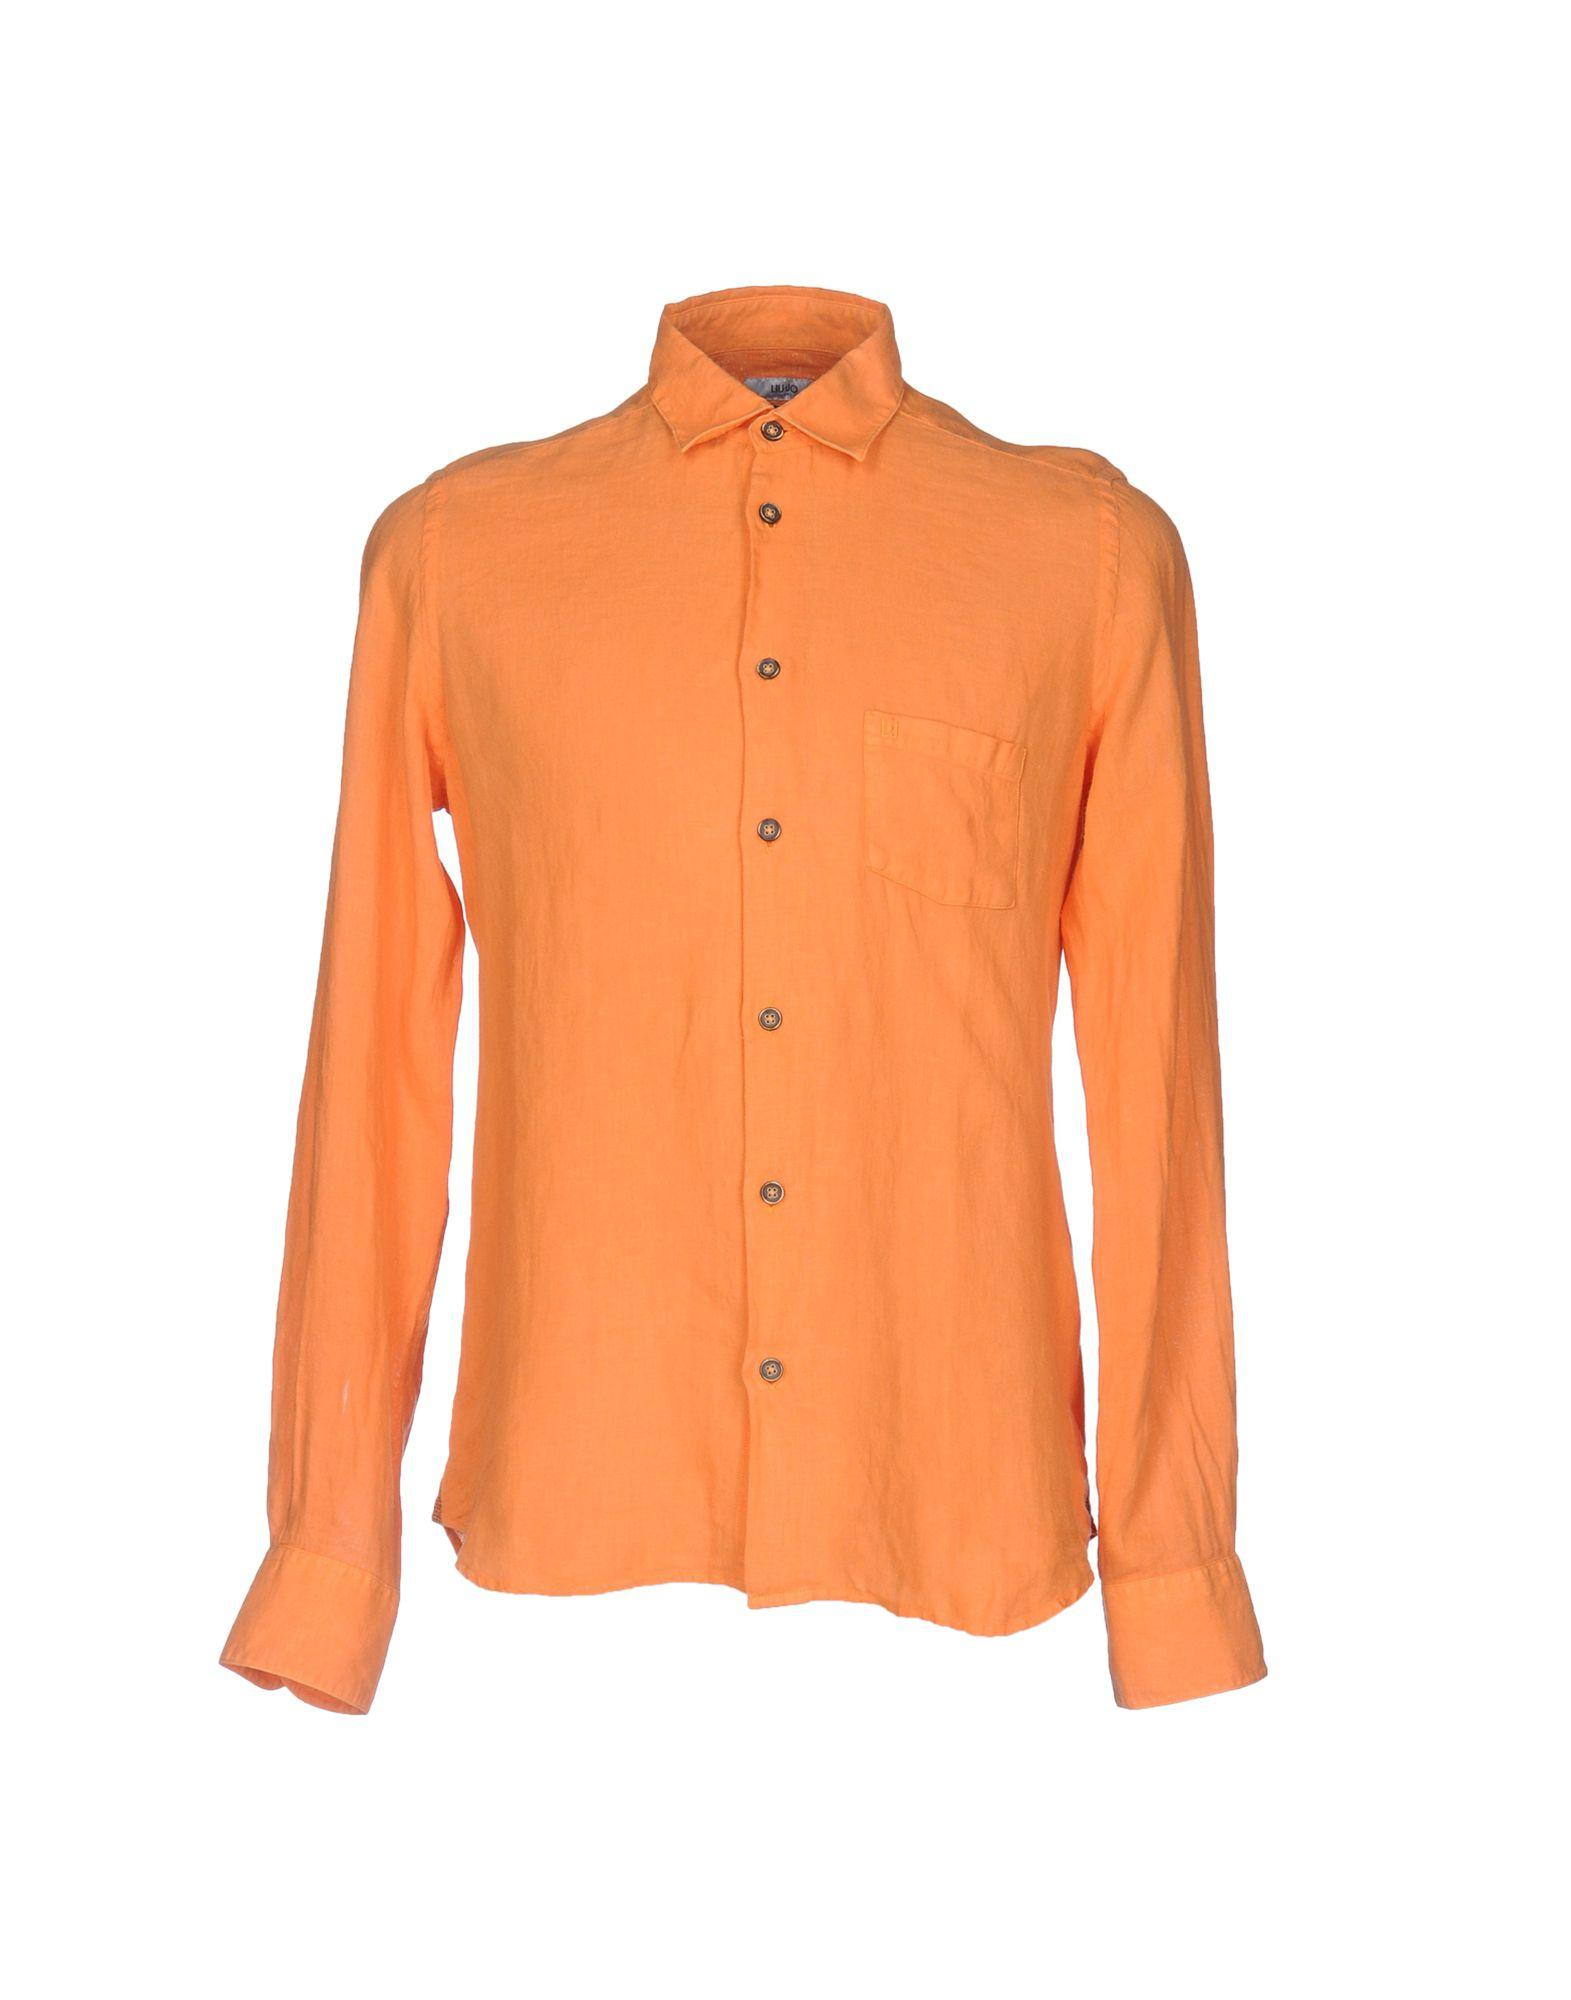 Liu •jo Linen Shirt In Orange